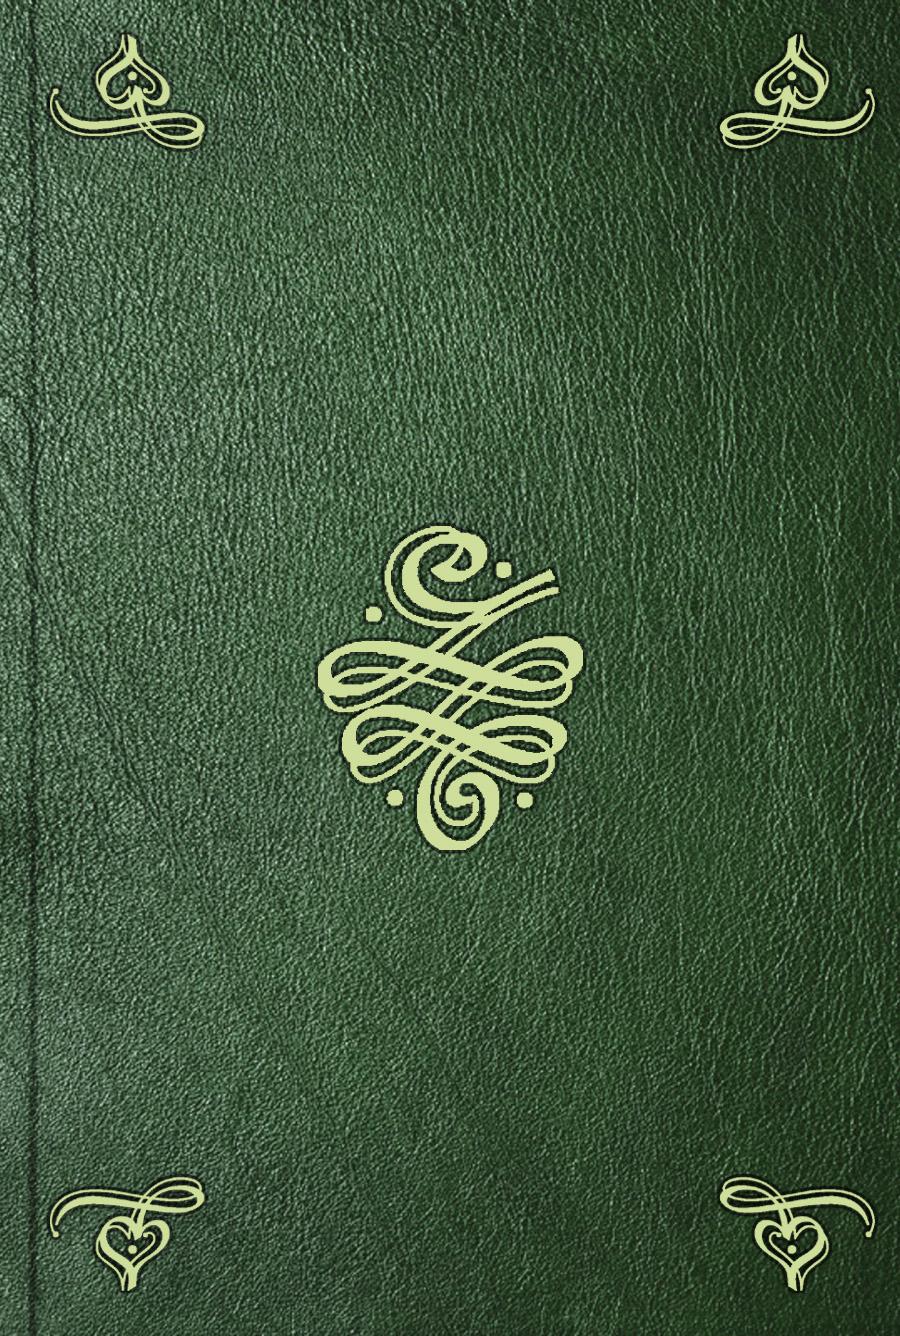 Franz Xaver von Zach Correspondance astronomique, géographique, hydrographique et statistique. Vol. 1 damocles vol 1